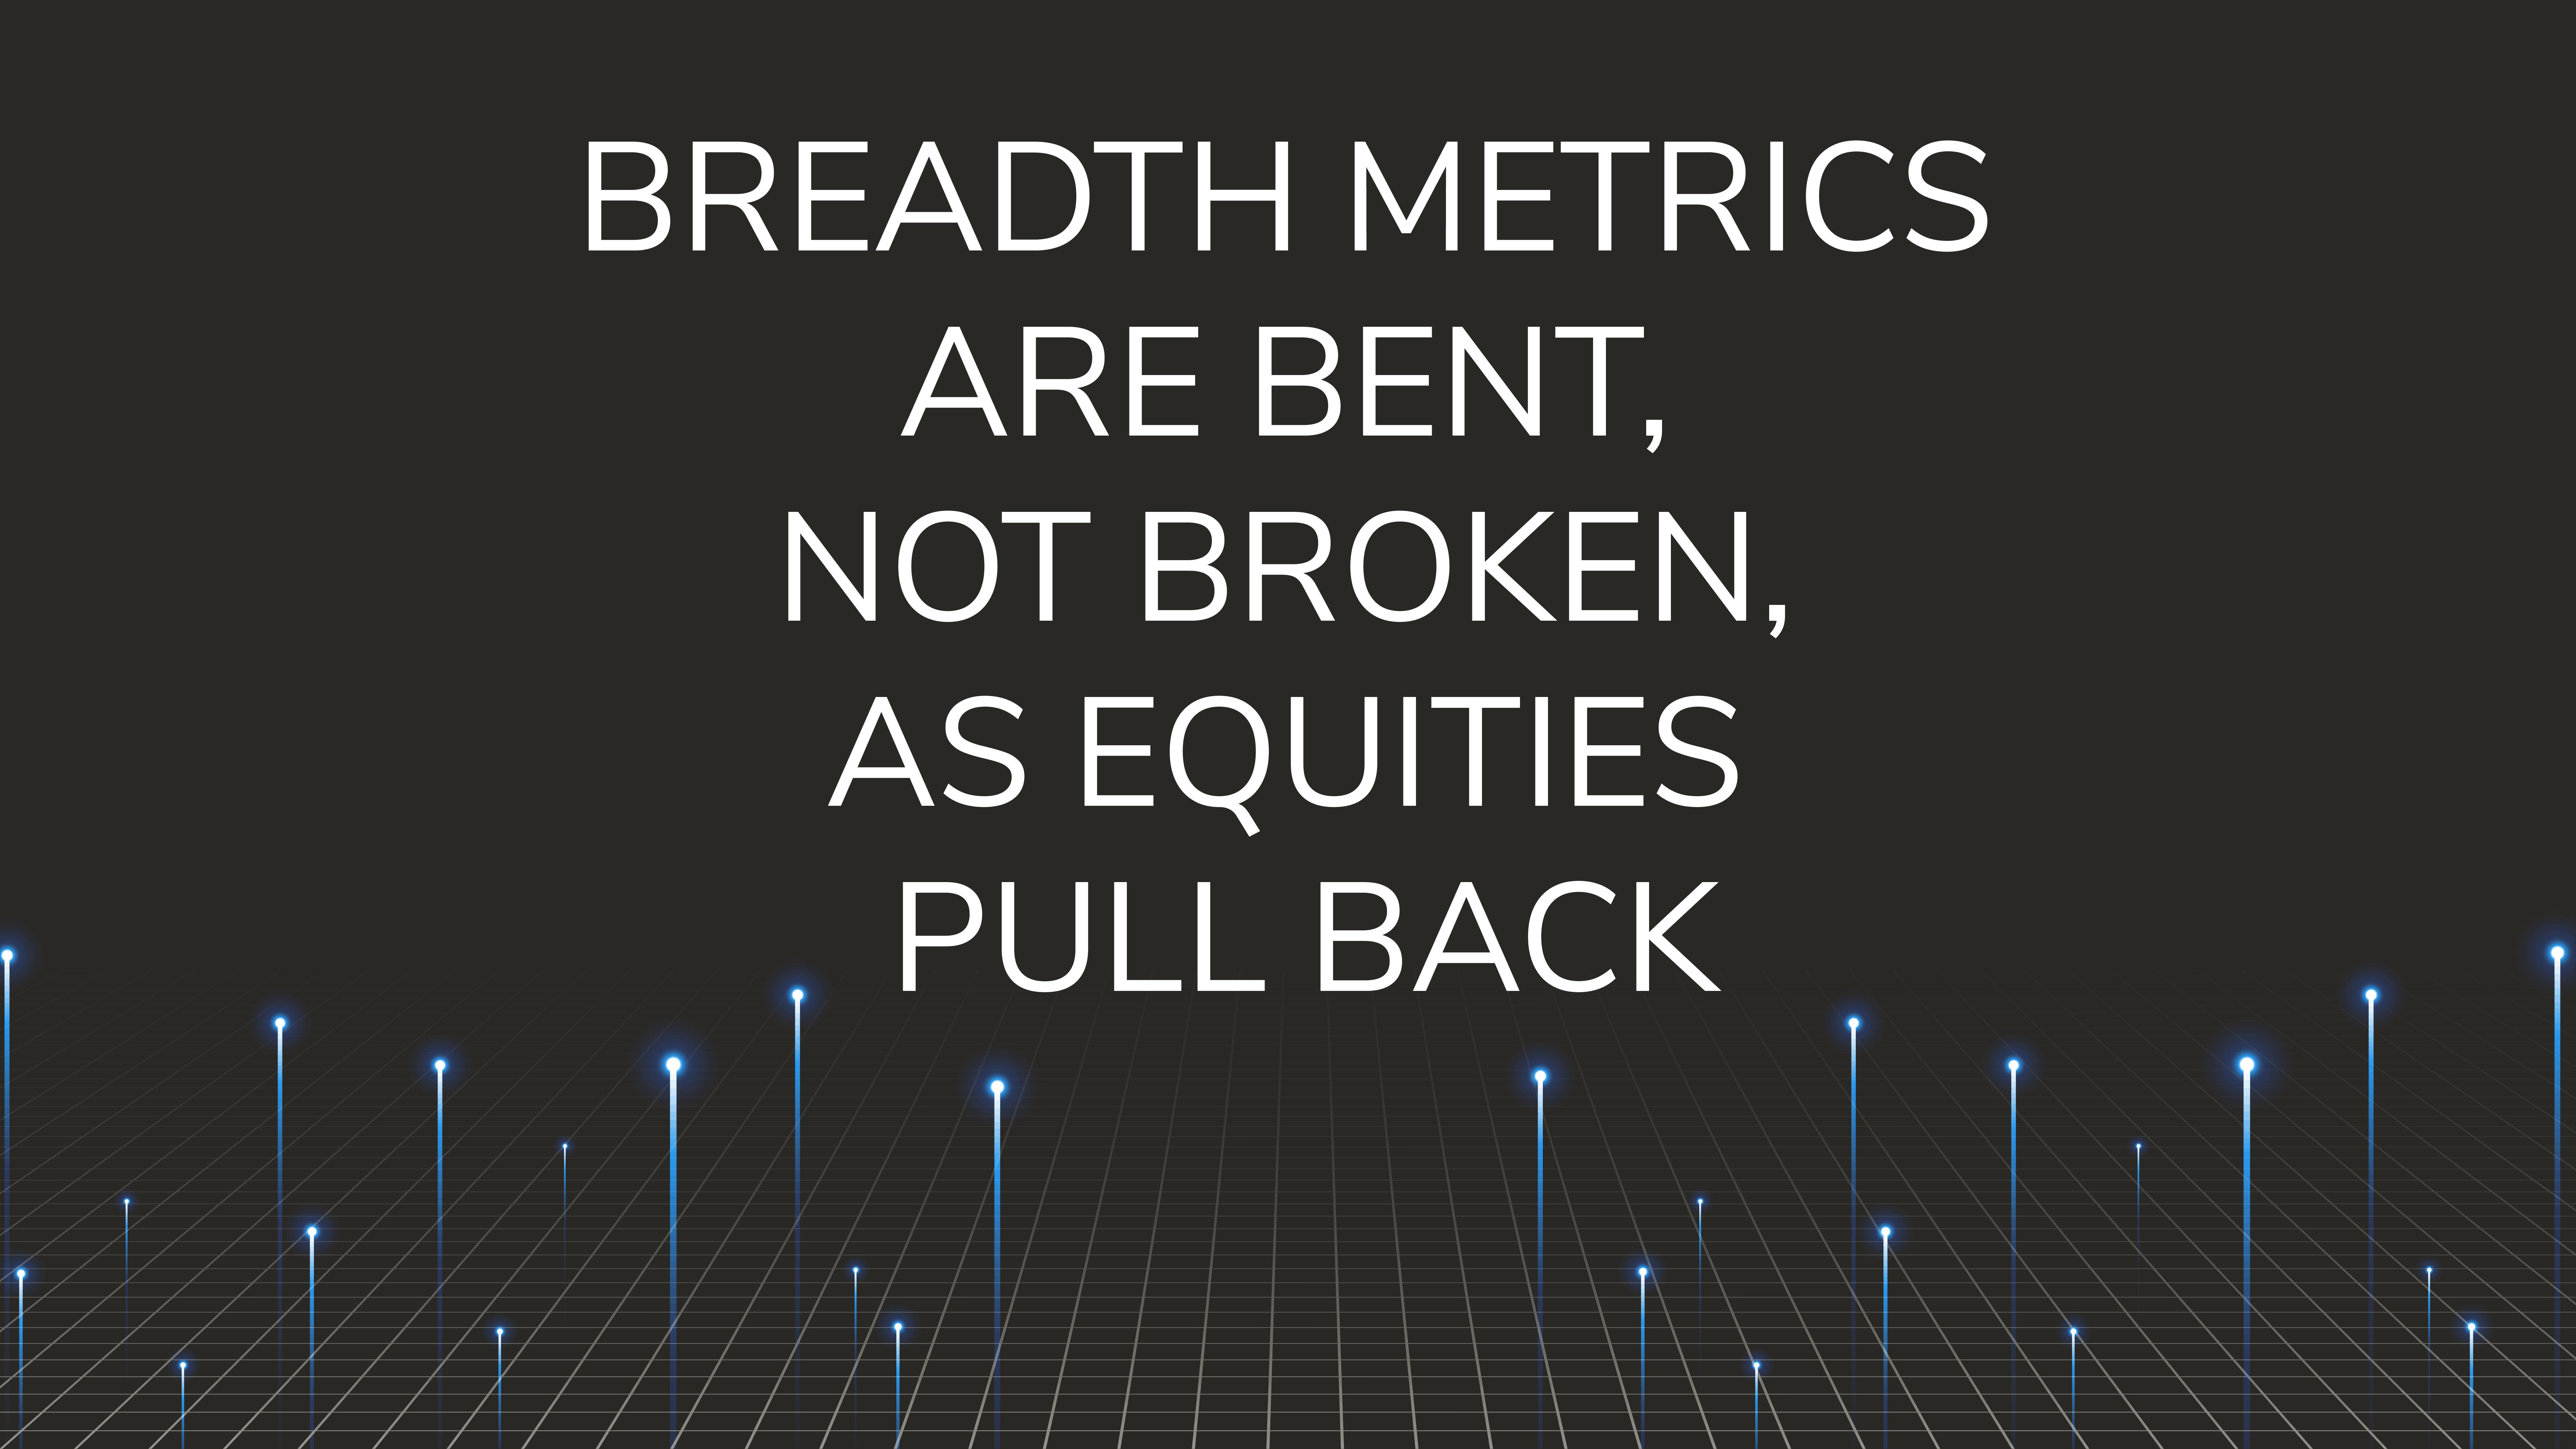 Breadth Metrics are Bent, Not Broken,  as Equities Pull Back